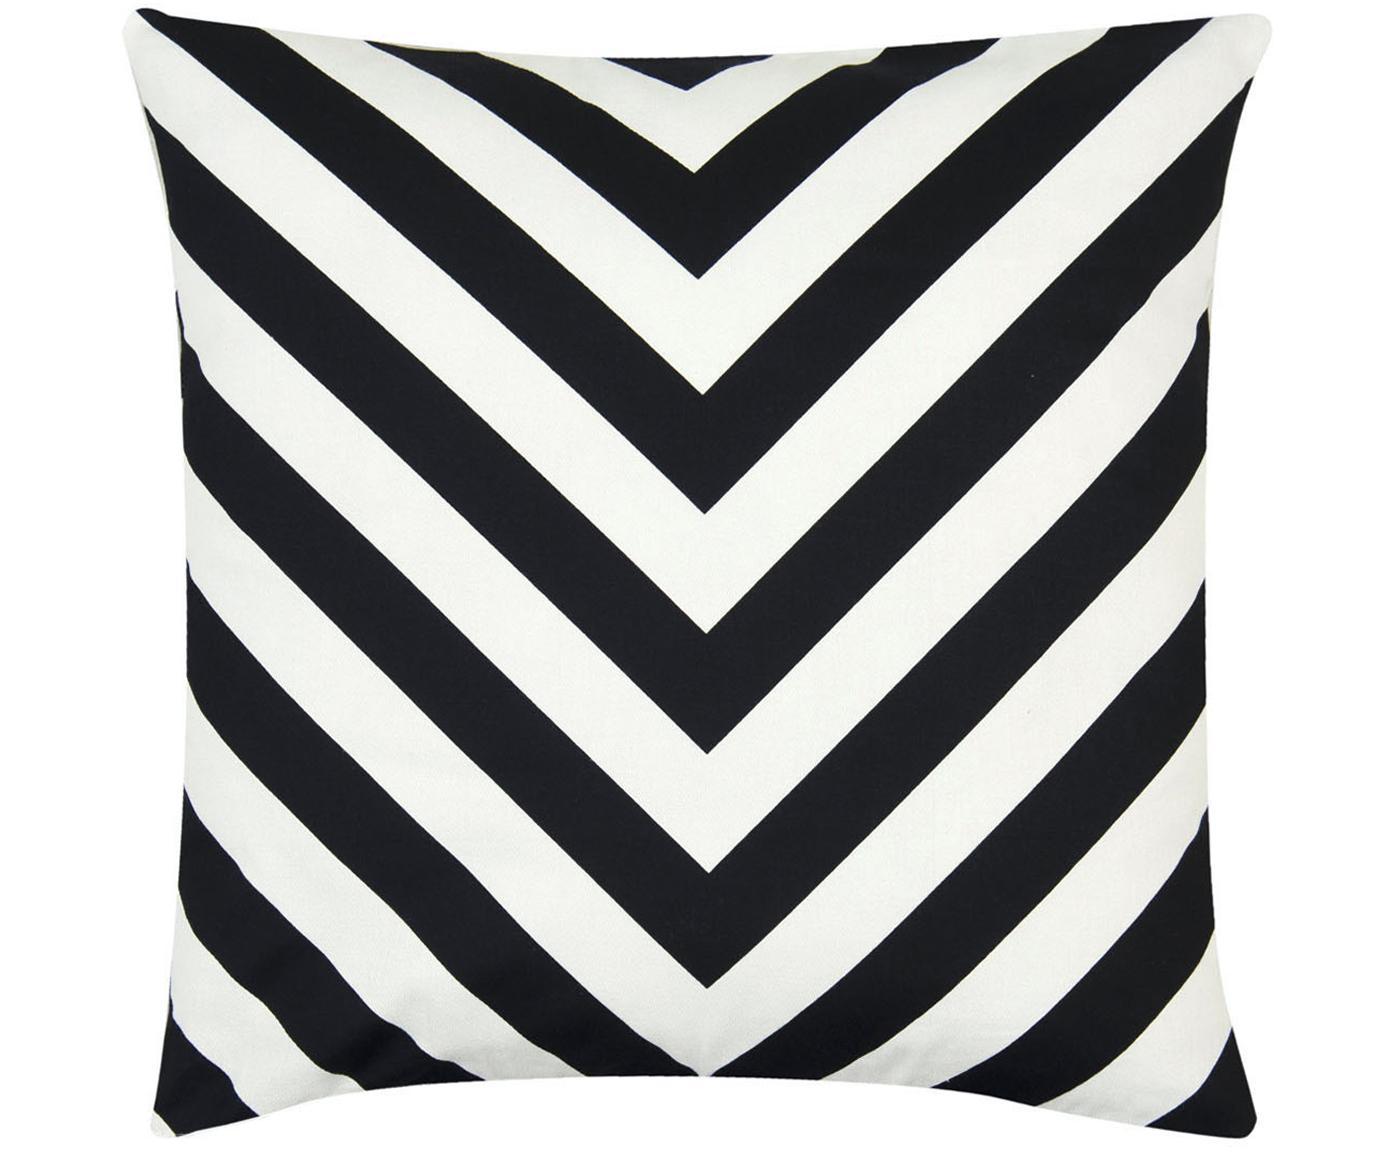 Kissenhülle Lena mit Zickzackmuster in Schwarz/Weiß, 100% Baumwolle, Panamabindung, Schwarz, Creme, 40 x 40 cm